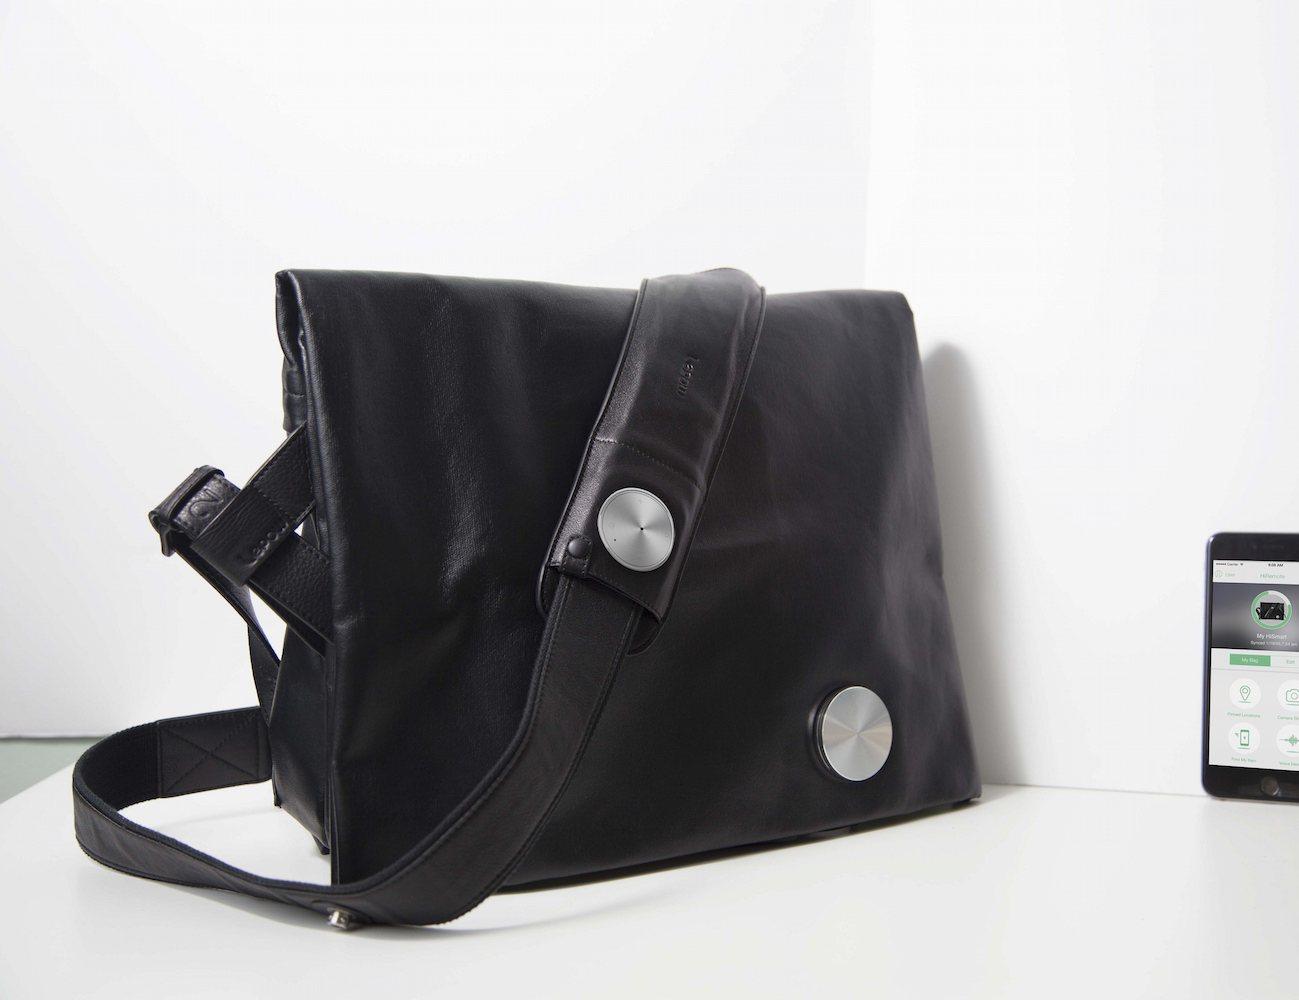 HiSmart Bag